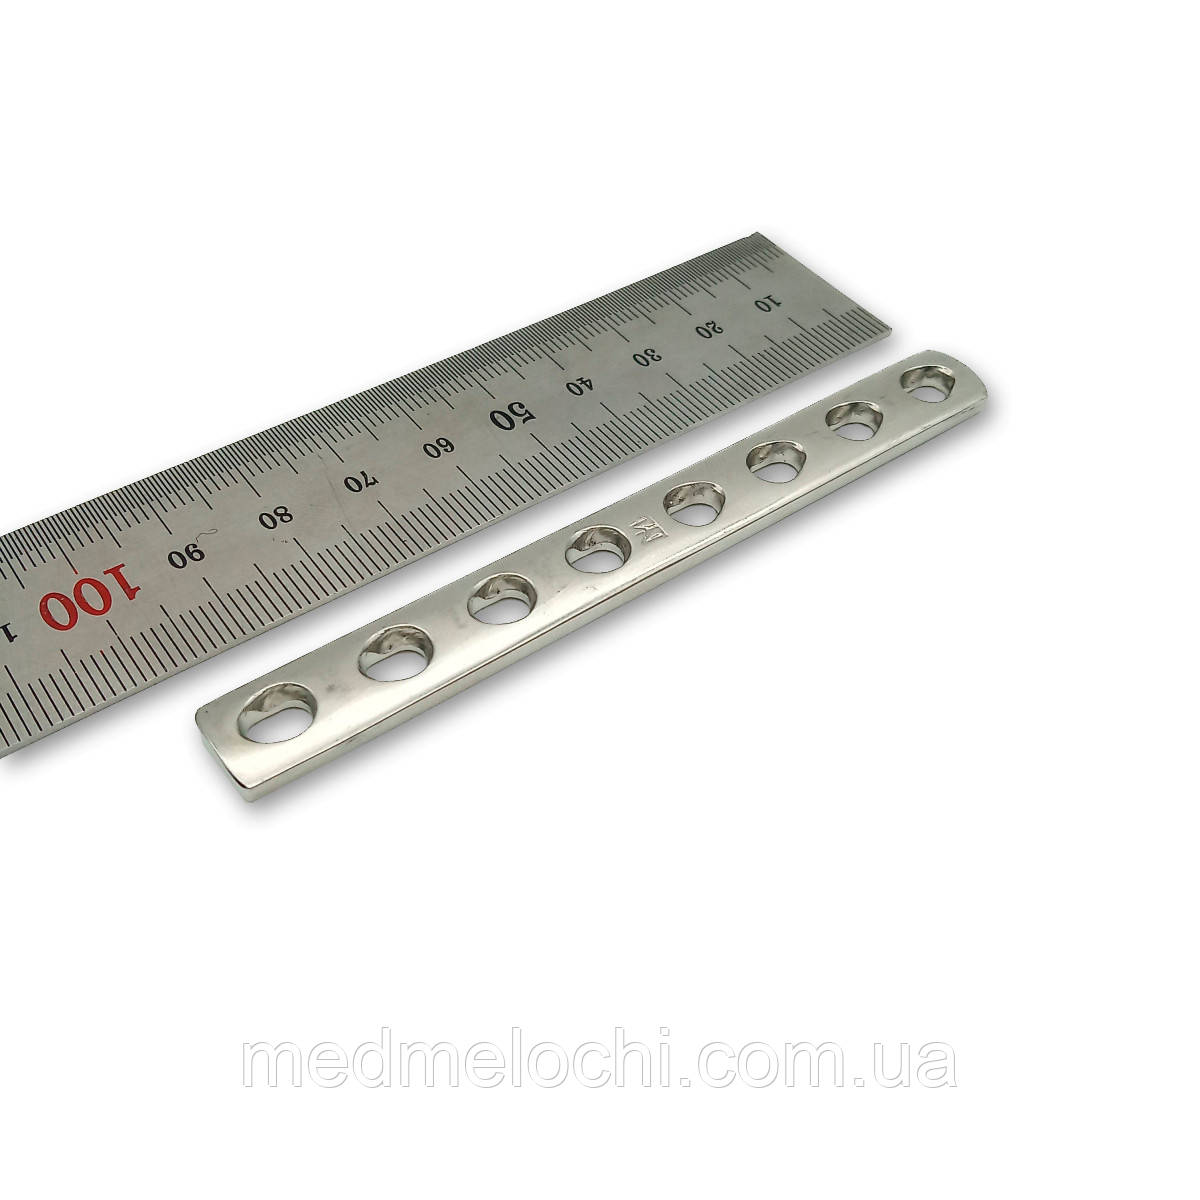 Пластина однорядка L = 98мм, D = 3,5 мм, 8 отв,